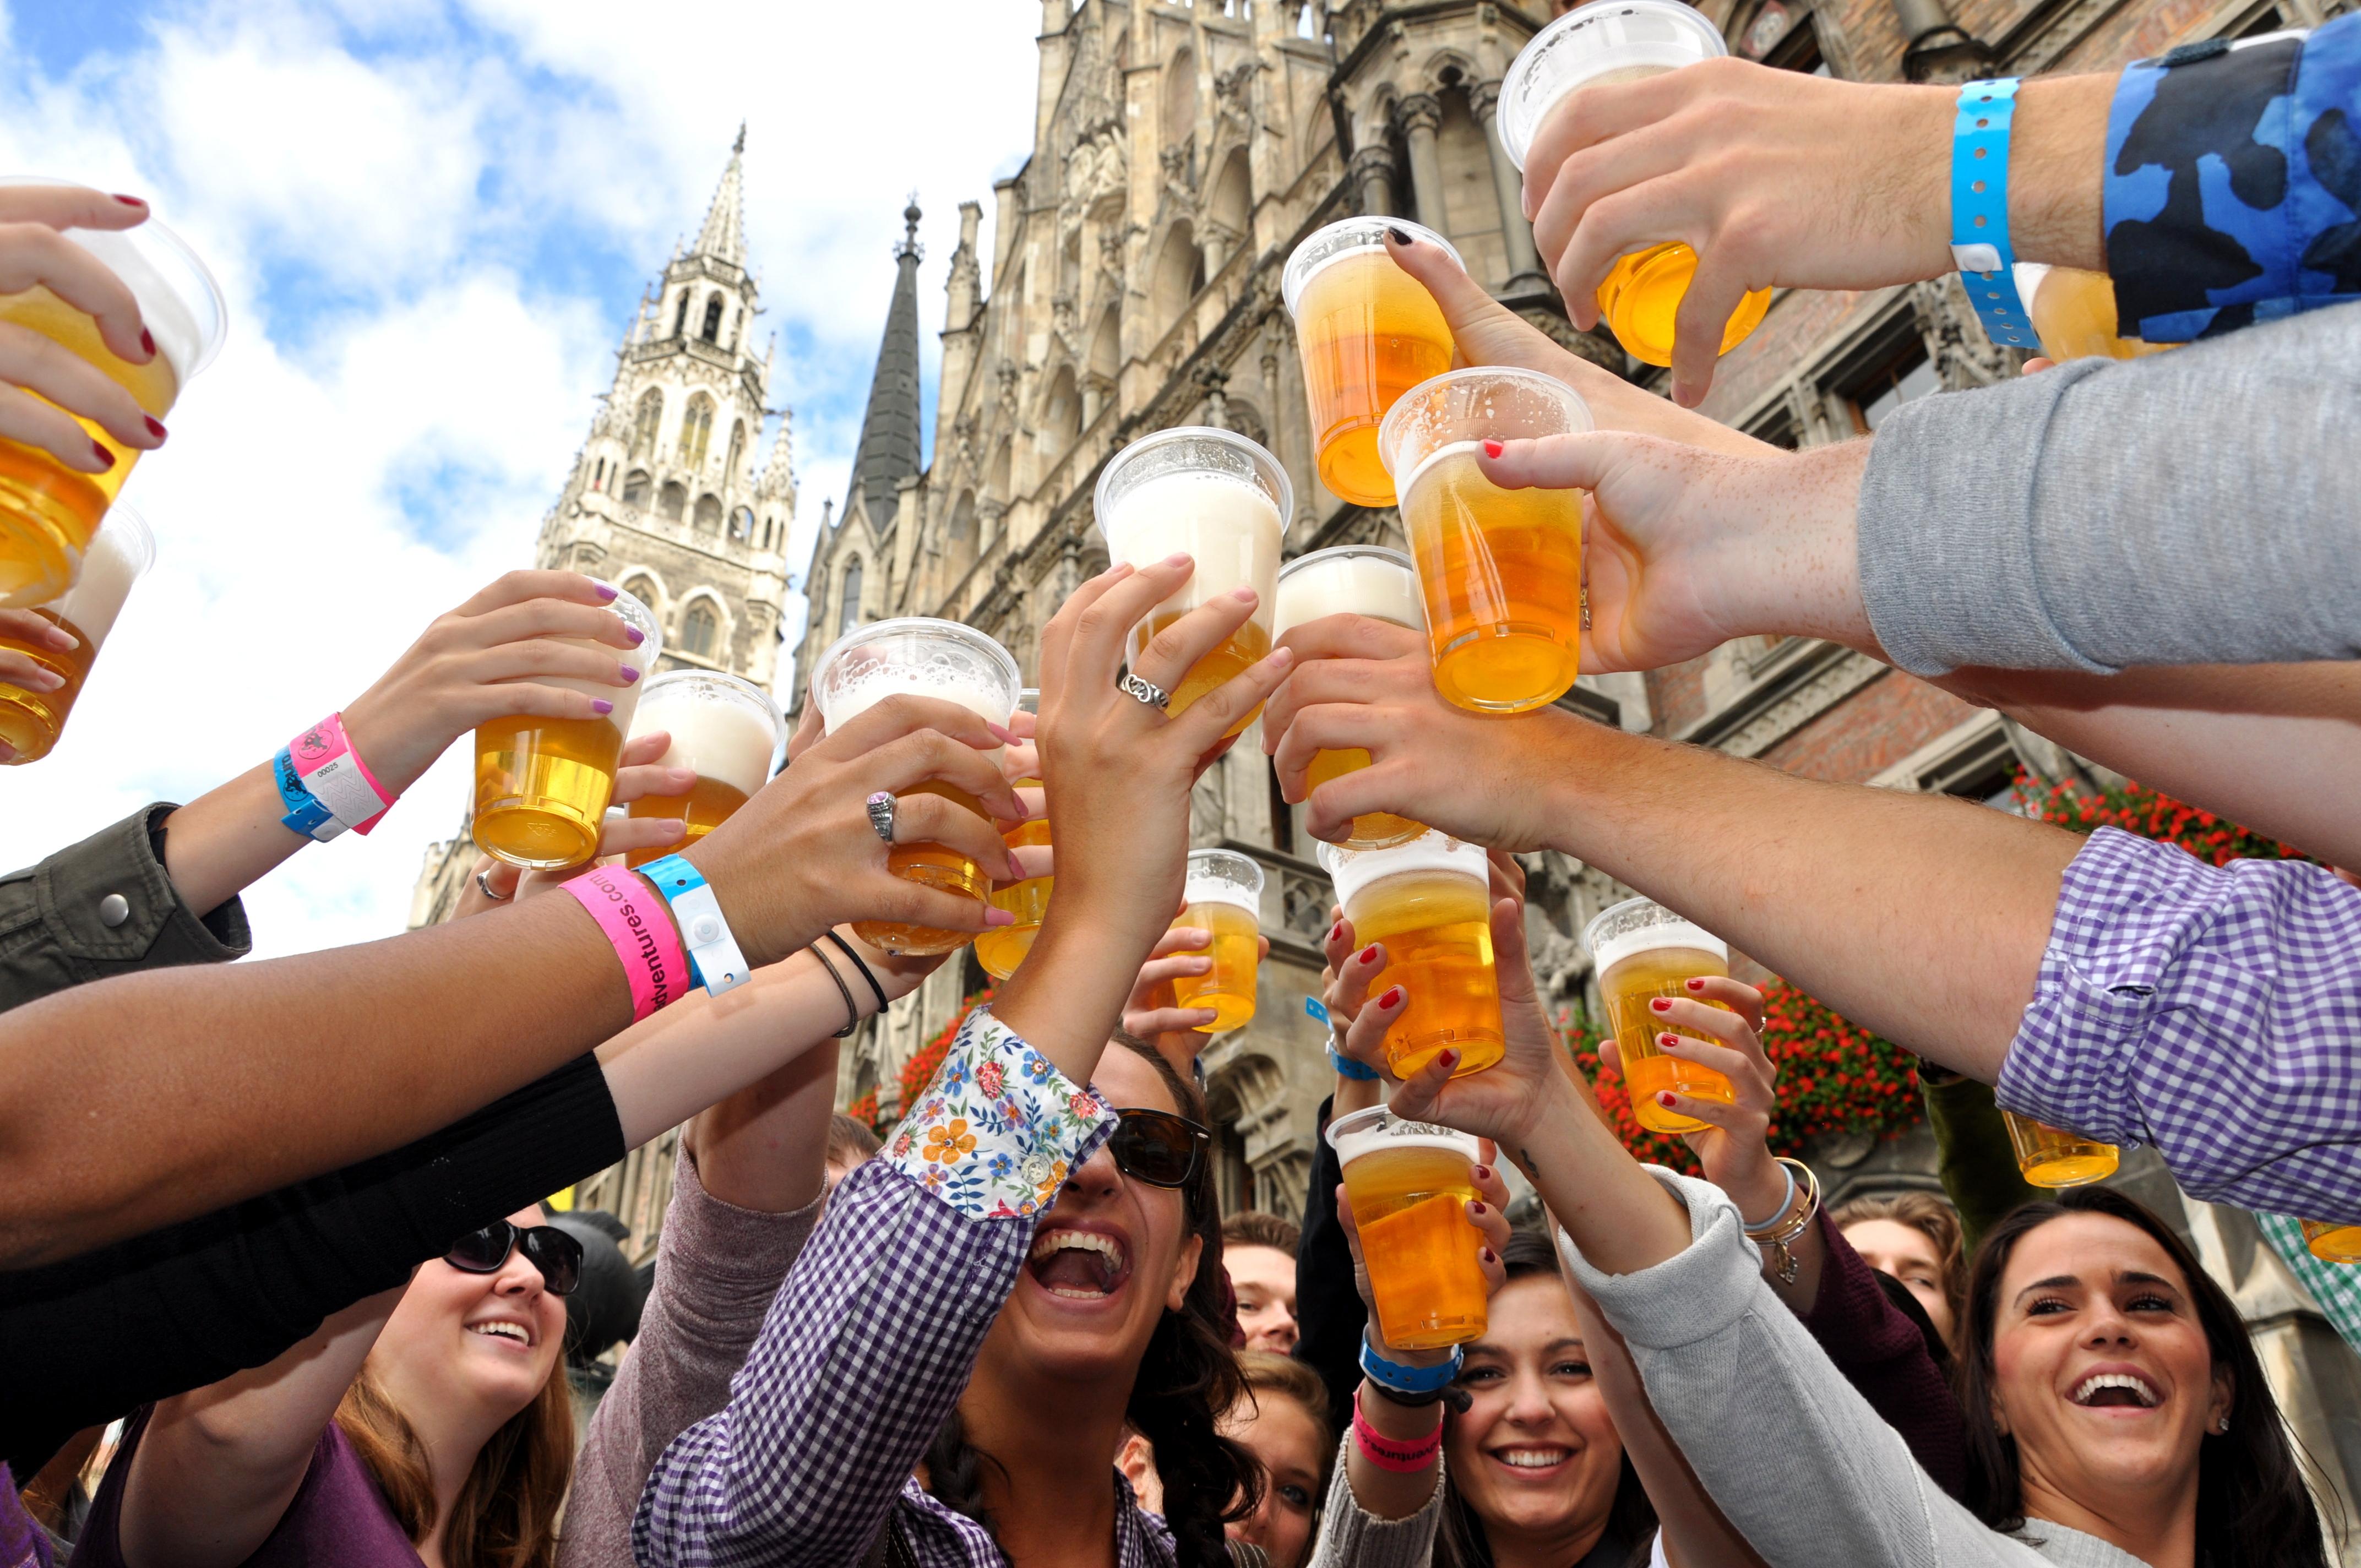 people celebrating german beer for oktoberfest